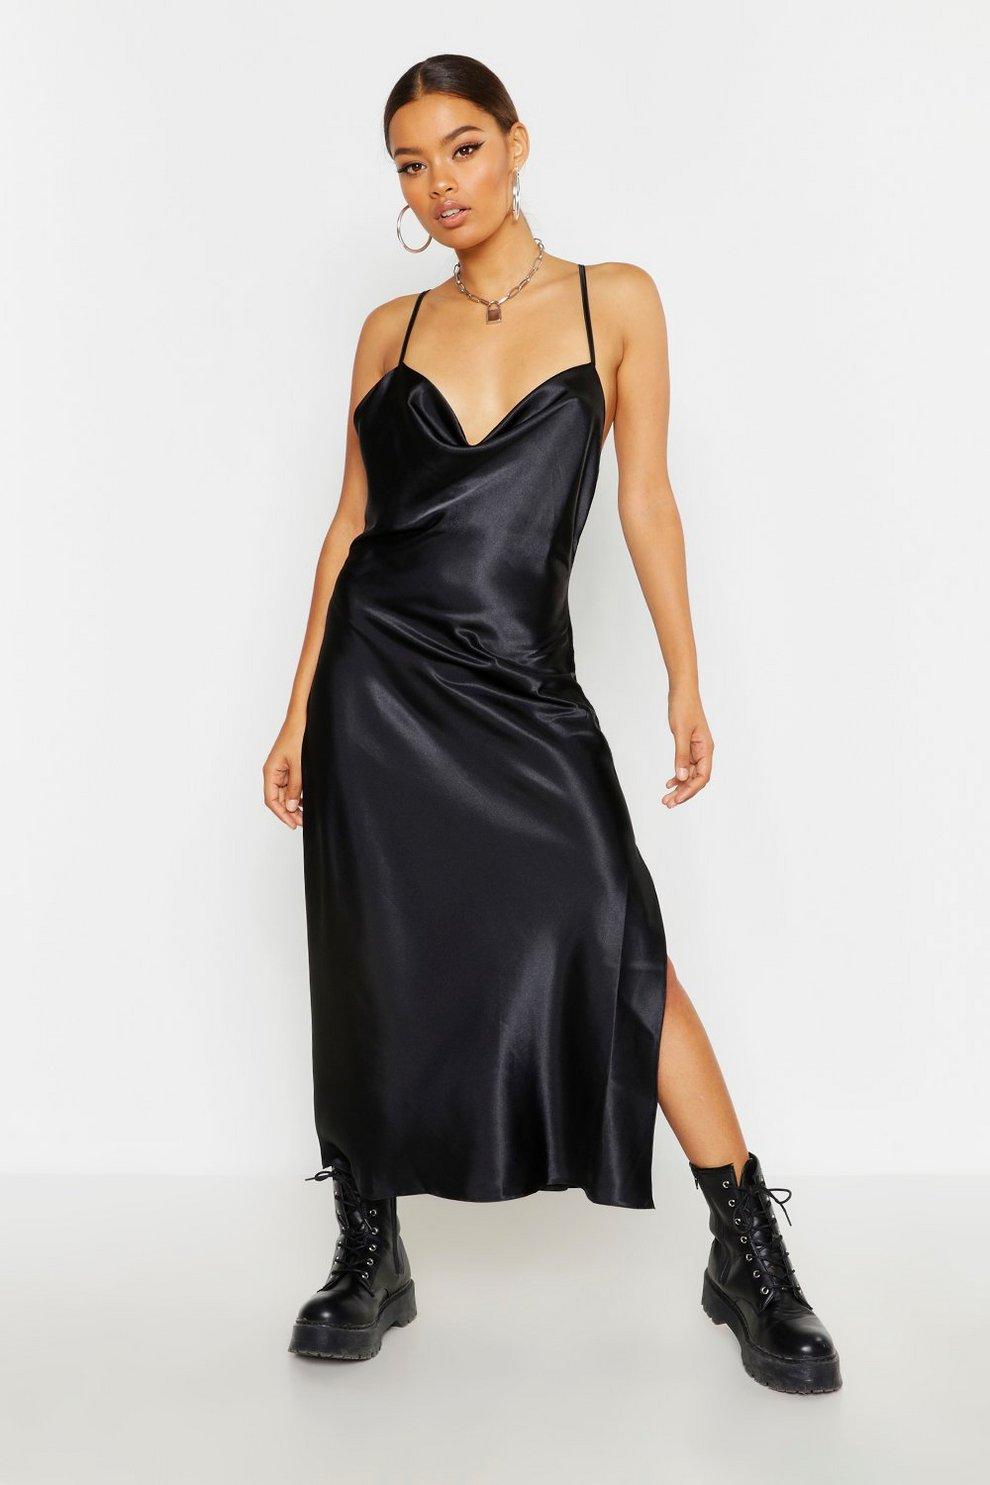 cb39f01d98a Womens Black Satin Bias Cut Slip Midi Dress